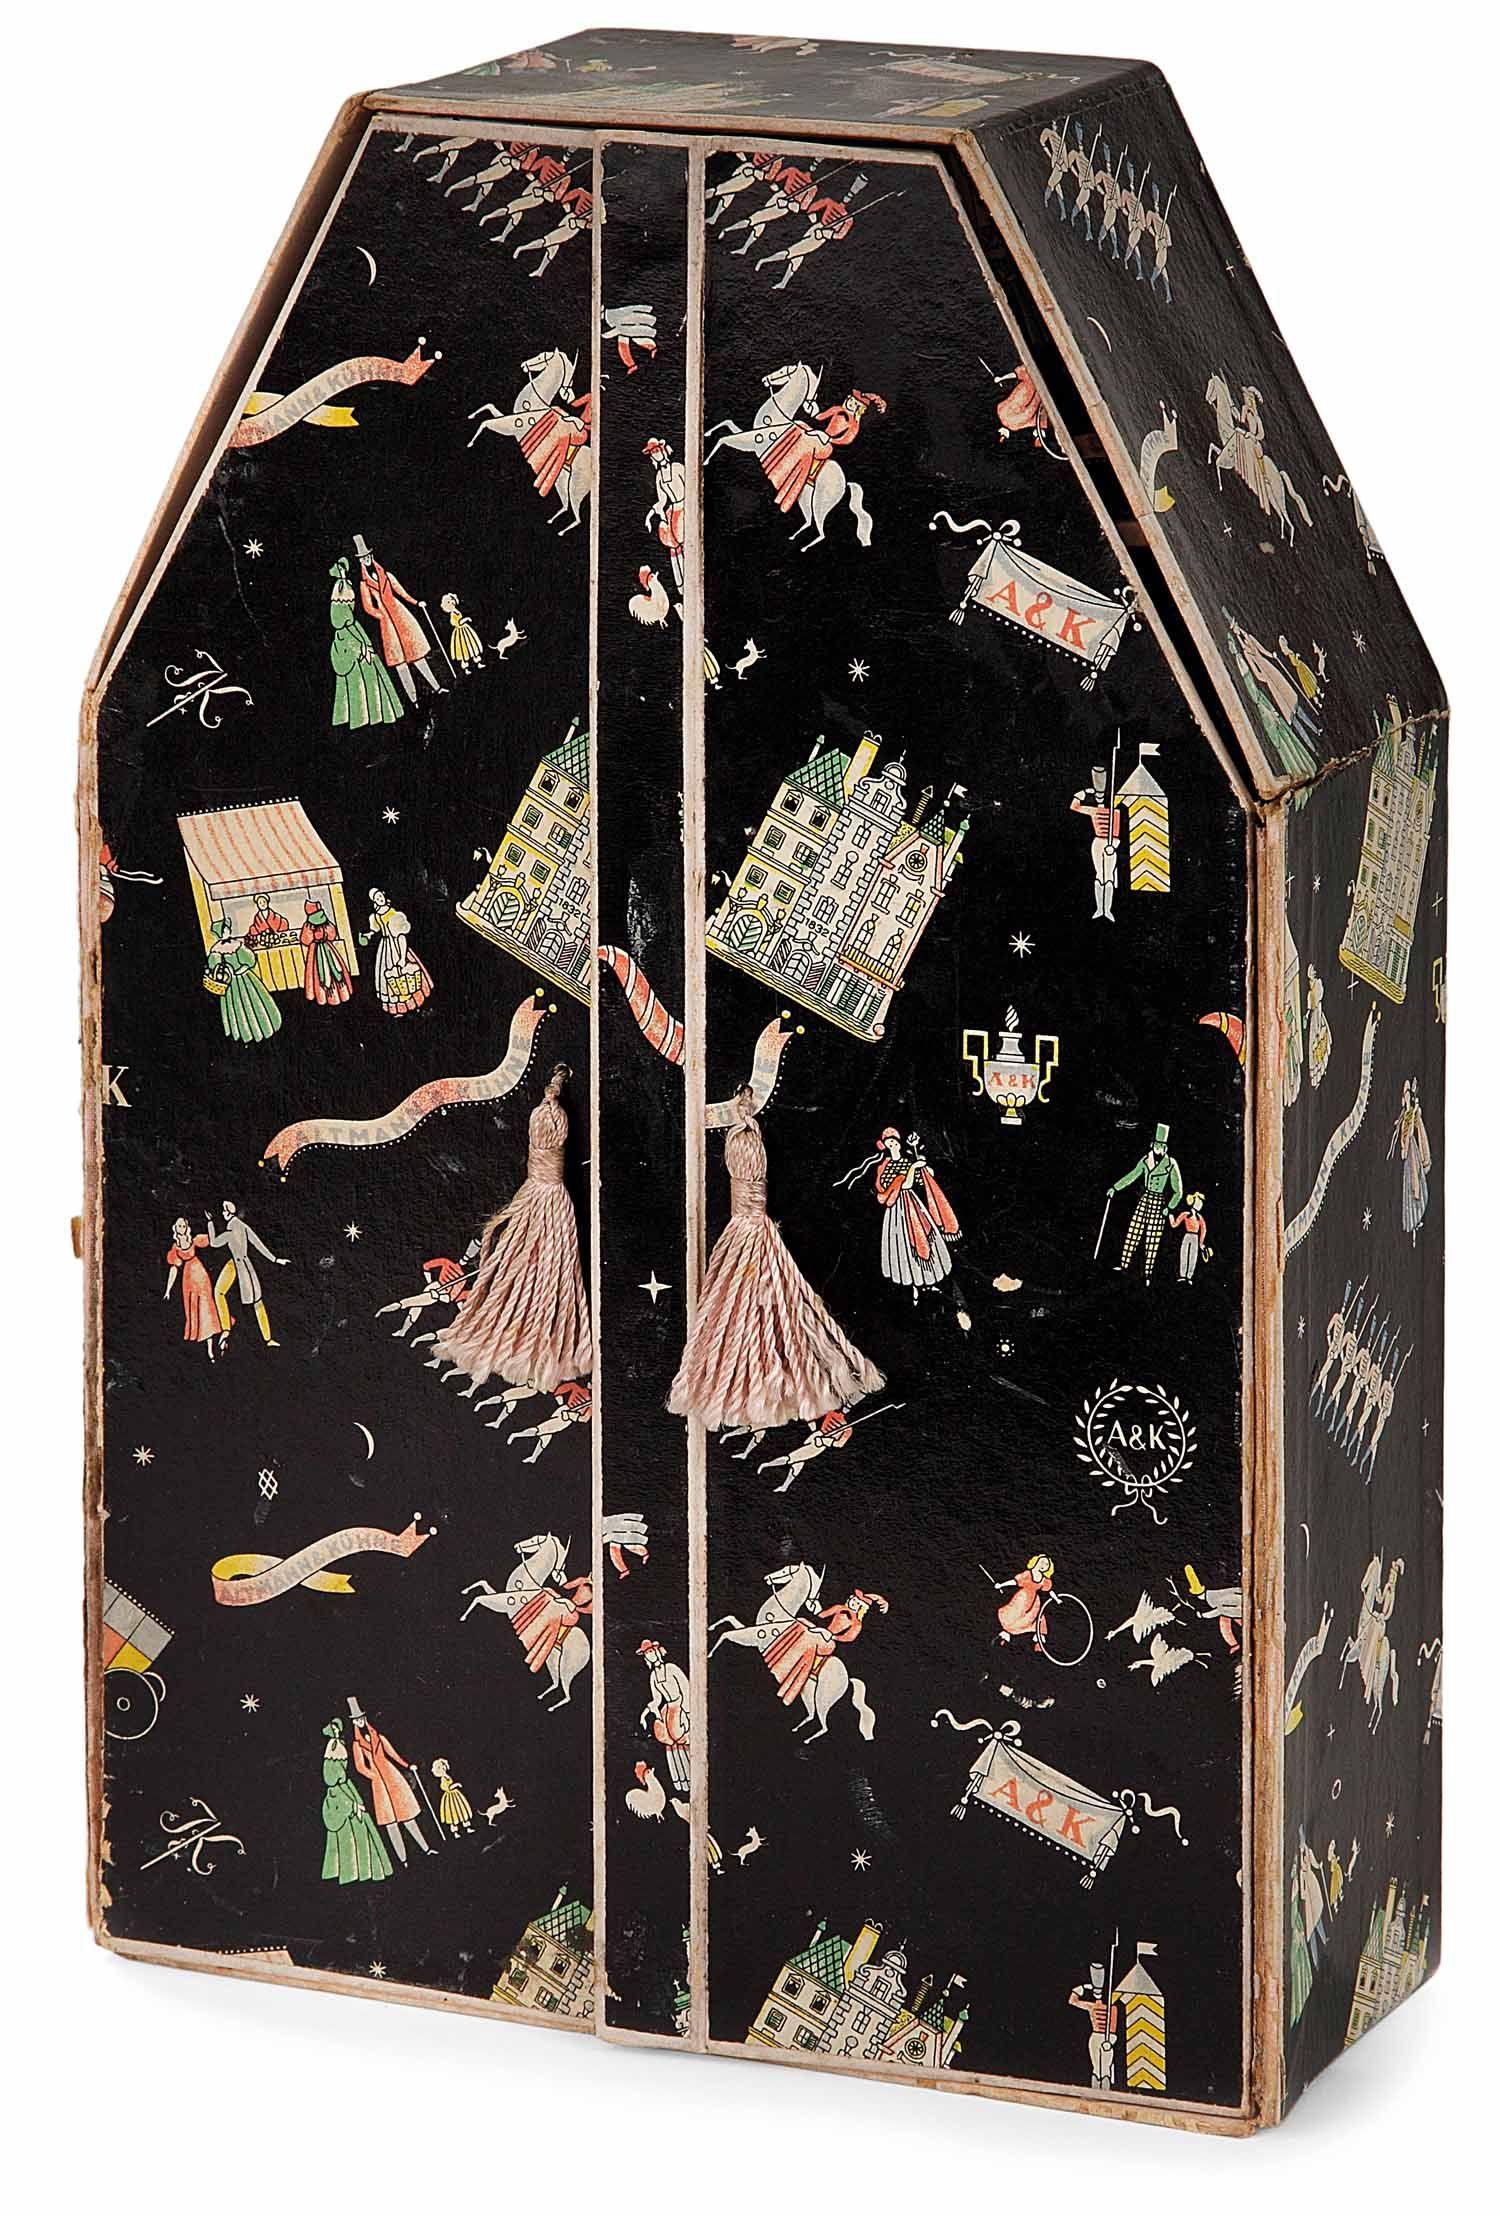 Dagobert Peche 1887 1923 Coffret A Bijoux Et A Rubans Formant Petite Armoire Rectangulaire A Fronton A Pans Jewelry Box Design Decorative Boxes Art Nouveau